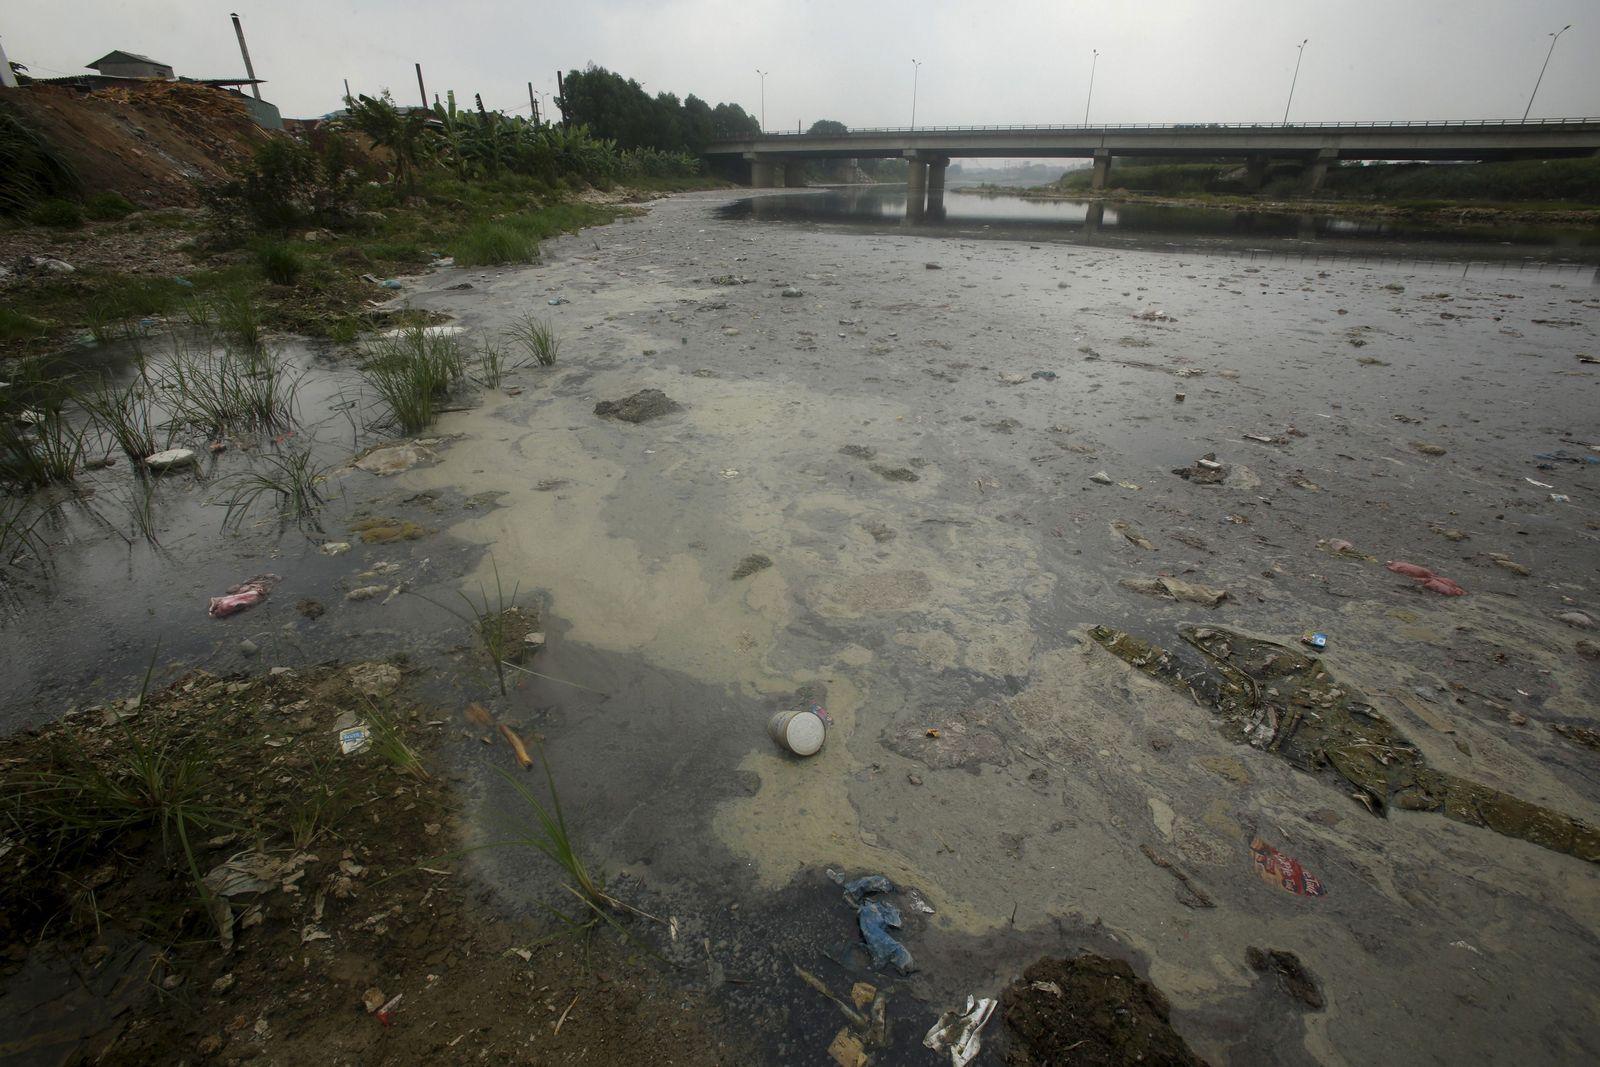 Vietnam/ Hanoi/ verseuchter Fluss